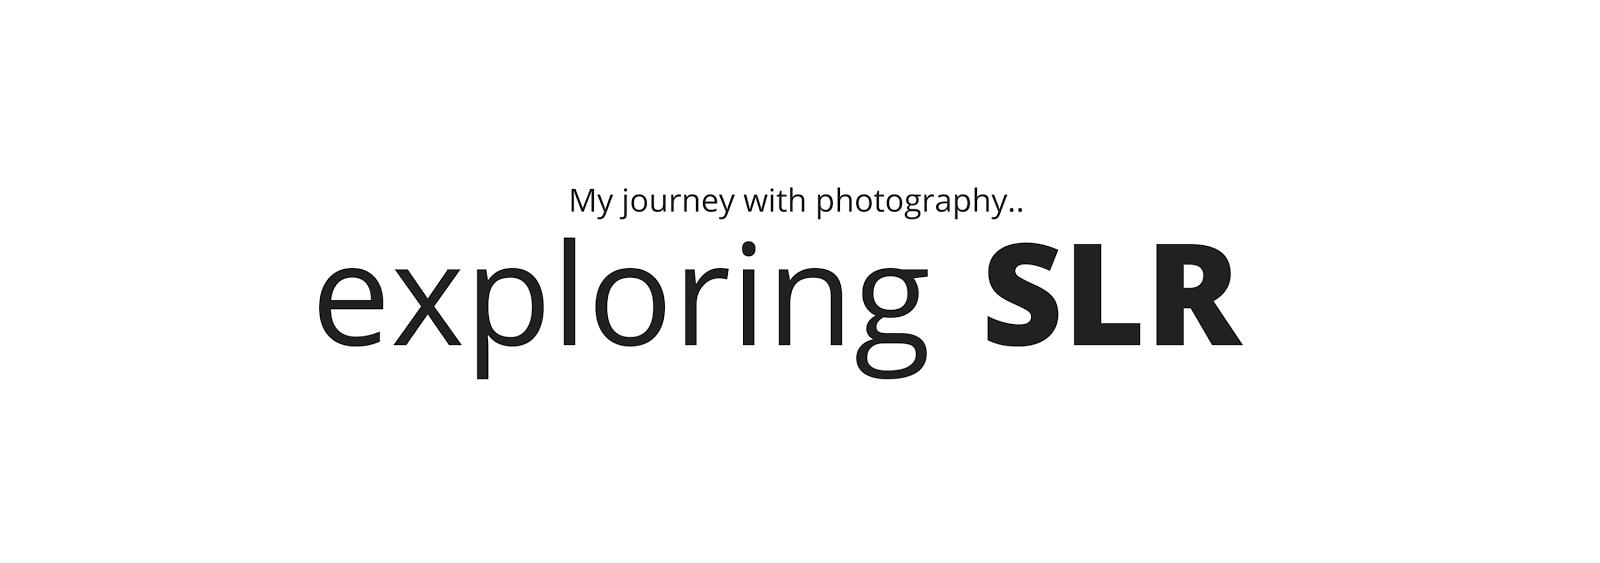 Exploring SLR